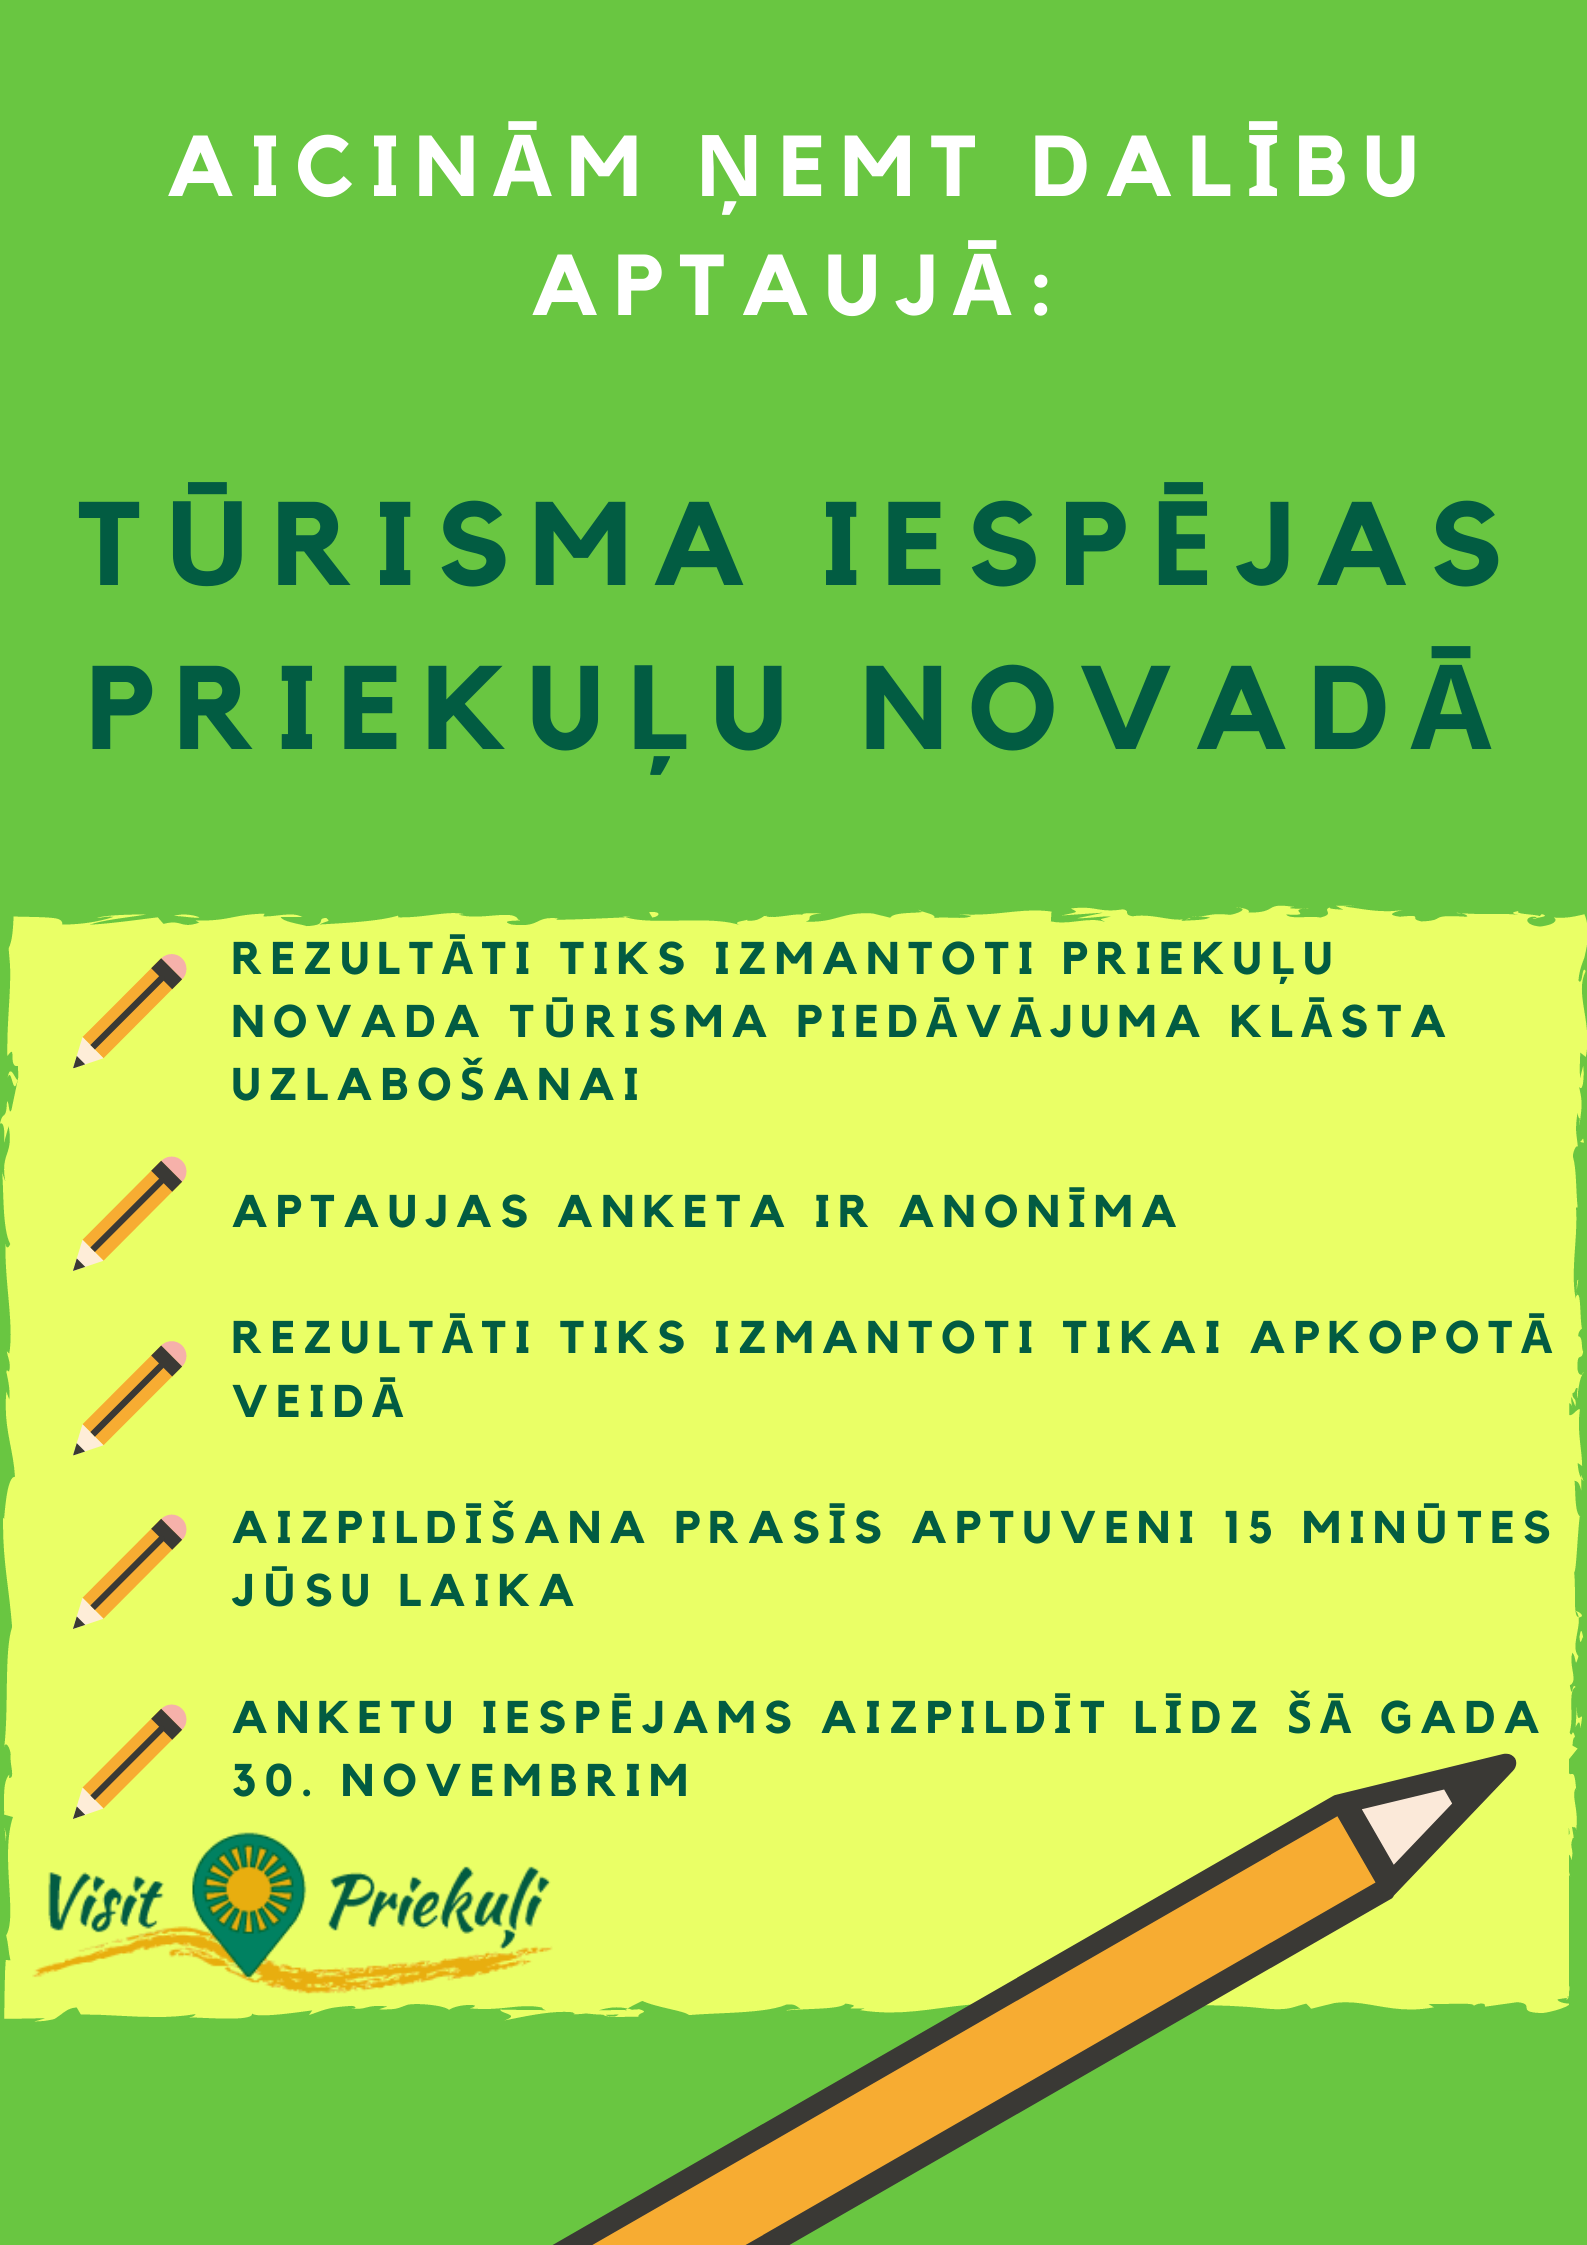 Latvijas jaunieši aicināti izteikt savu viedokli Eiropas mēroga pētījumā